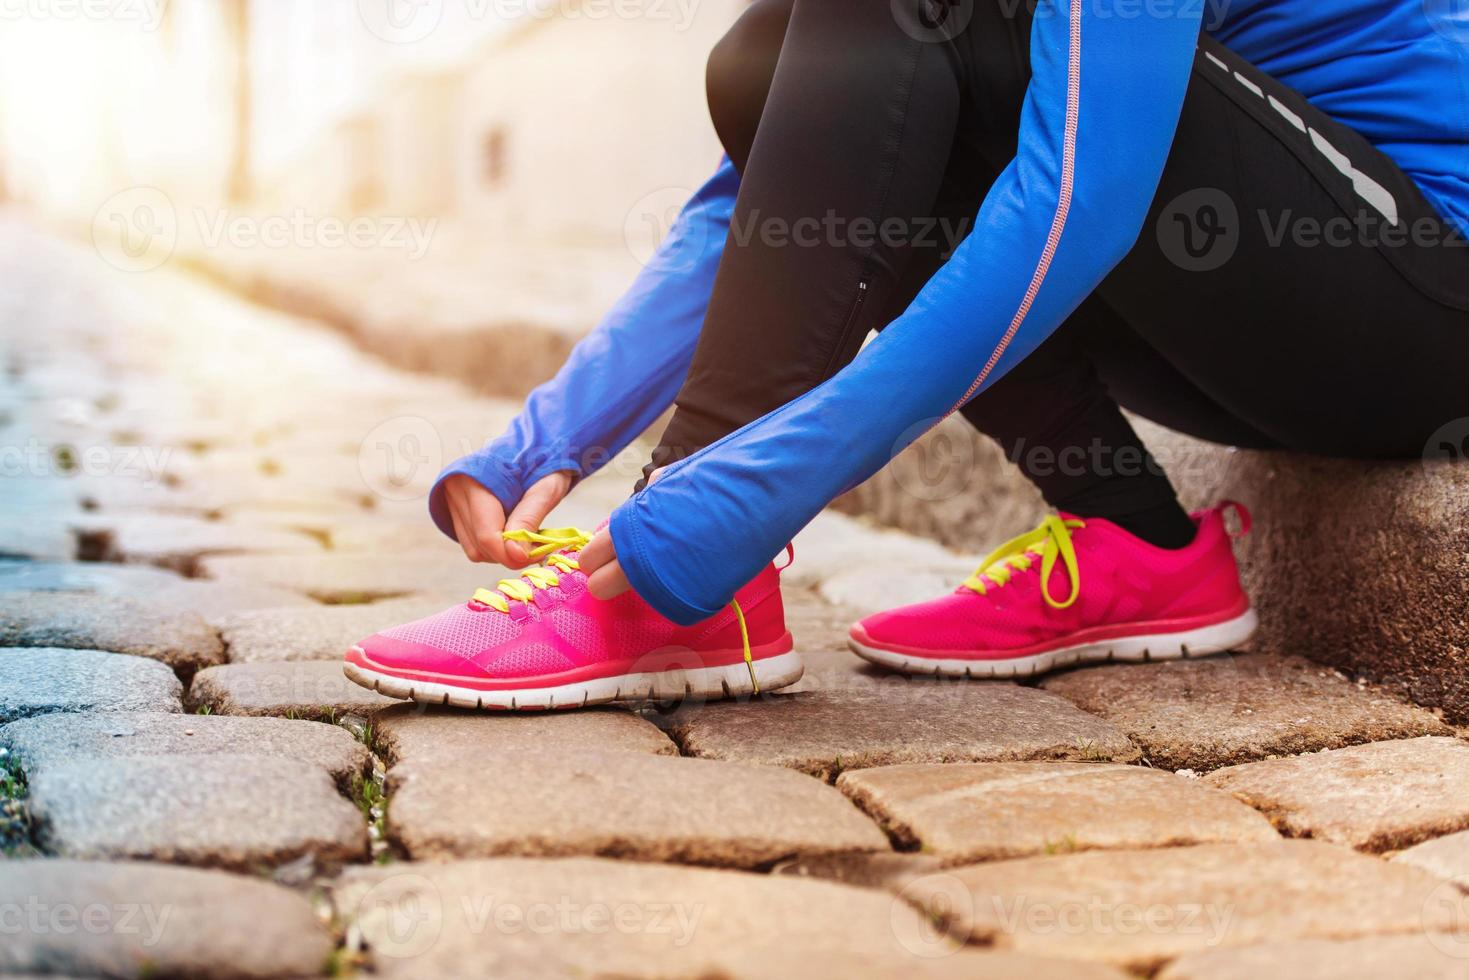 junge Frau bindet ihre rosa Turnschuhe, um sich auf einen Lauf vorzubereiten foto